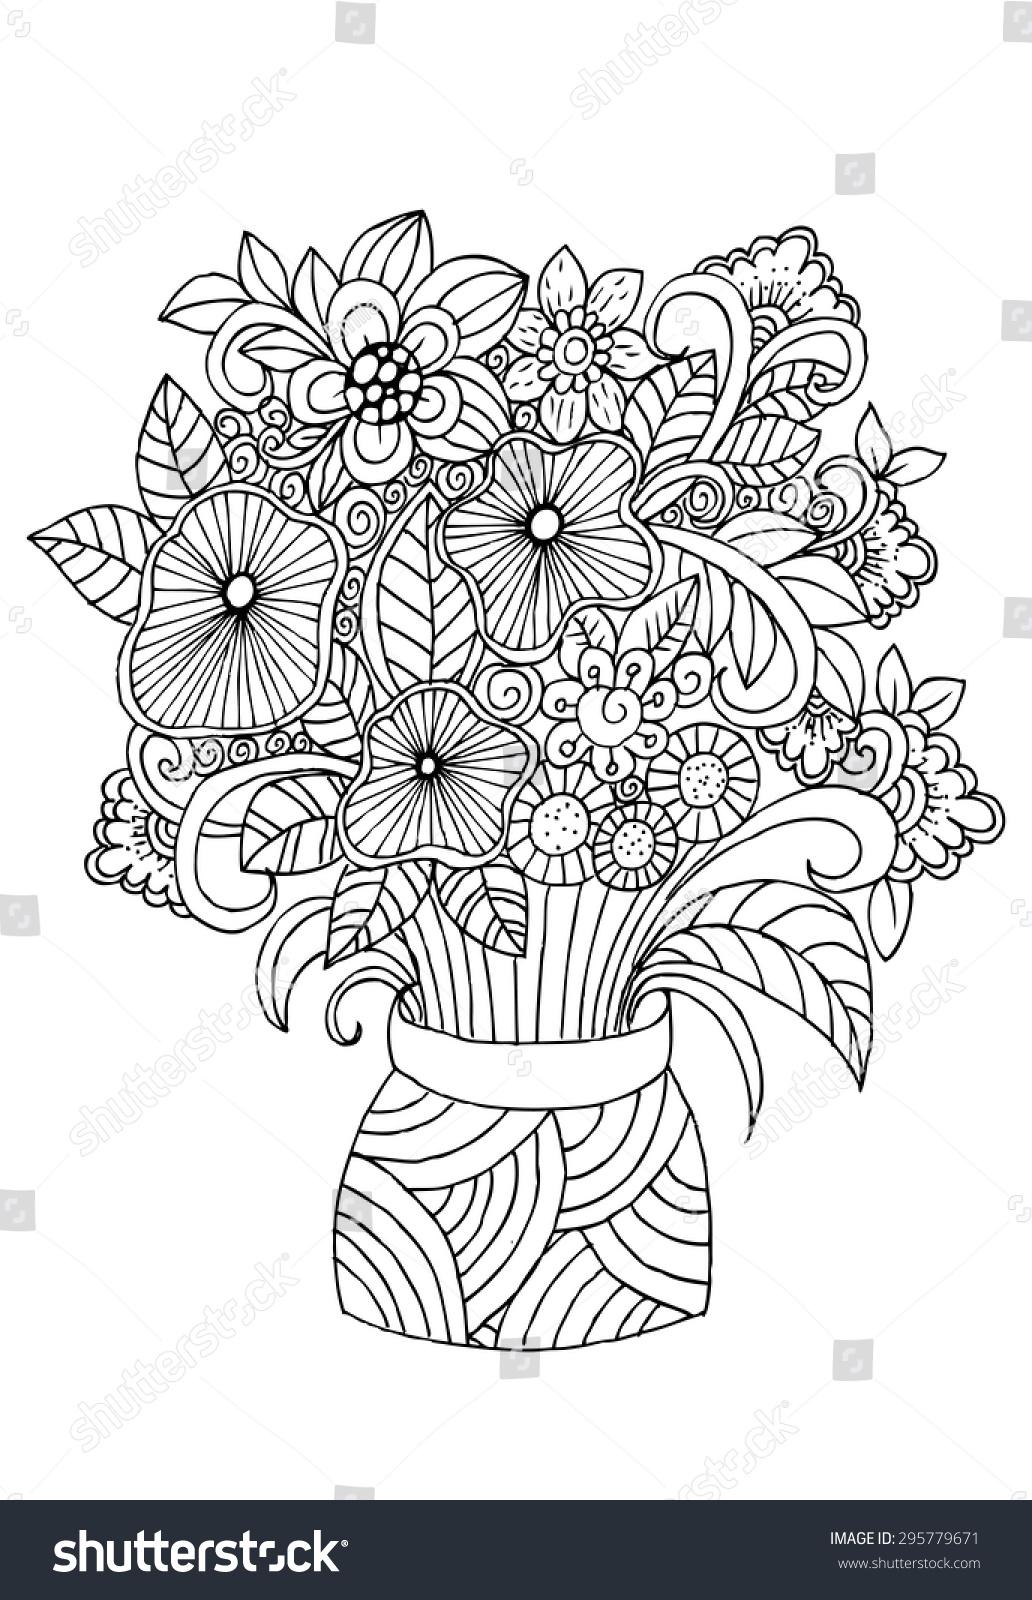 flowers vase doodle floral pencil drawing stock vector 295779671 shutterstock. Black Bedroom Furniture Sets. Home Design Ideas